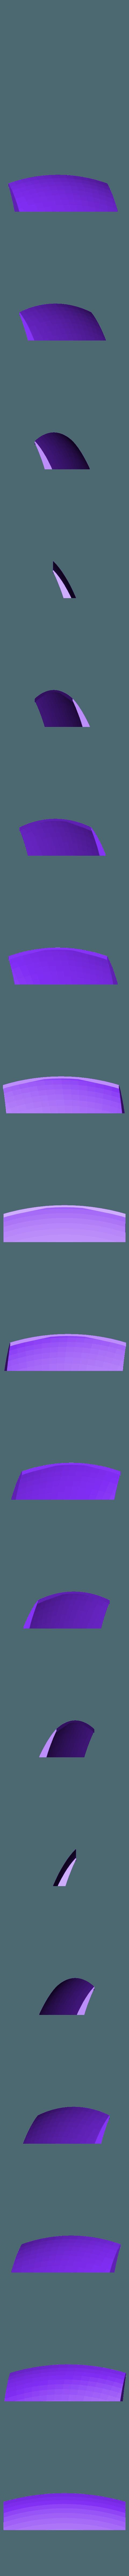 2.STL Télécharger fichier STL gratuit Bouclier du capitaine amérique (Entièrement détaillé) • Design pour imprimante 3D, Absolute3D